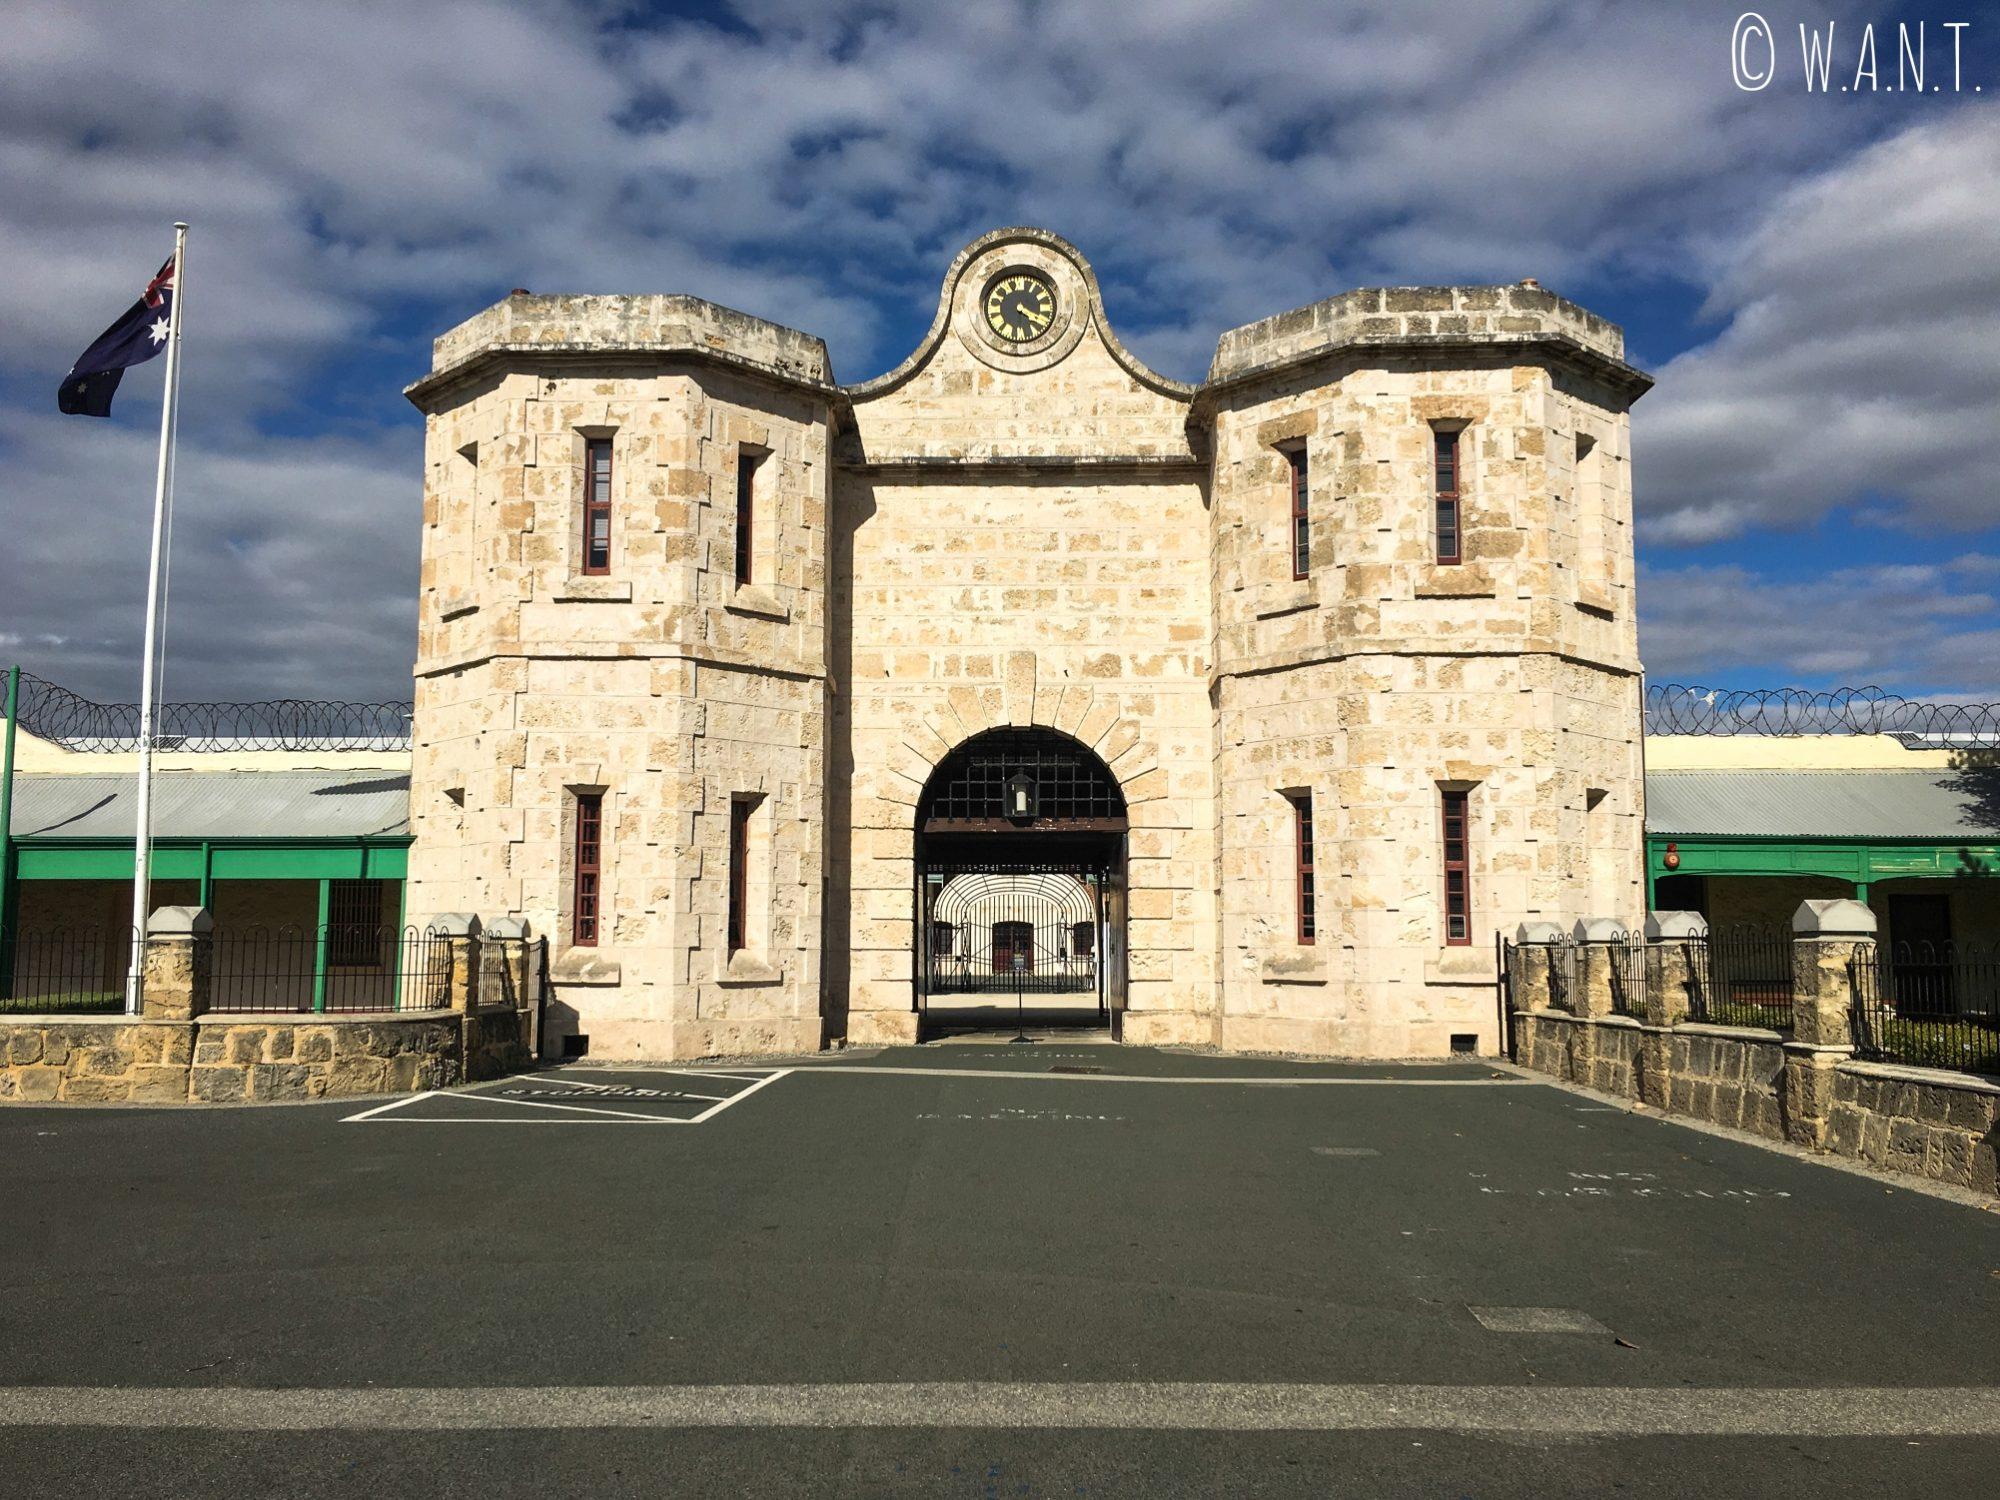 Voici l'entrée de la prison de Perth, classée à l'Unesco et reconvertie en musée mémorial